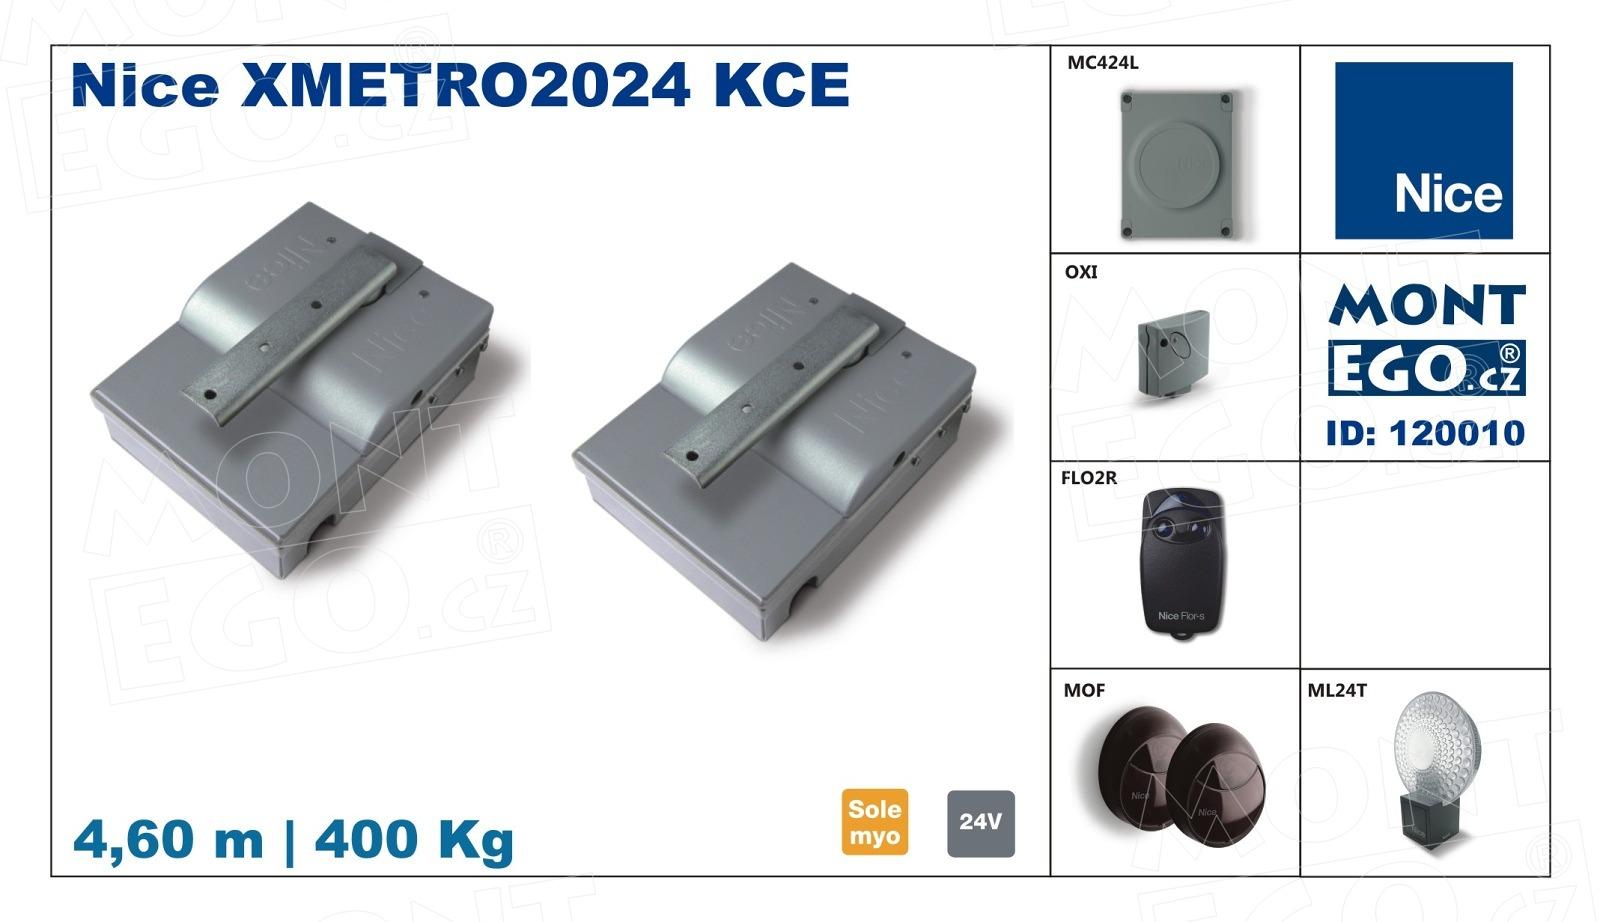 NICE XMETRO2024 KCE kompletní sada s podzemními pohony Metro pro dvoukřídlou bránu do 4,60 m průjezdu X-METRO-2024